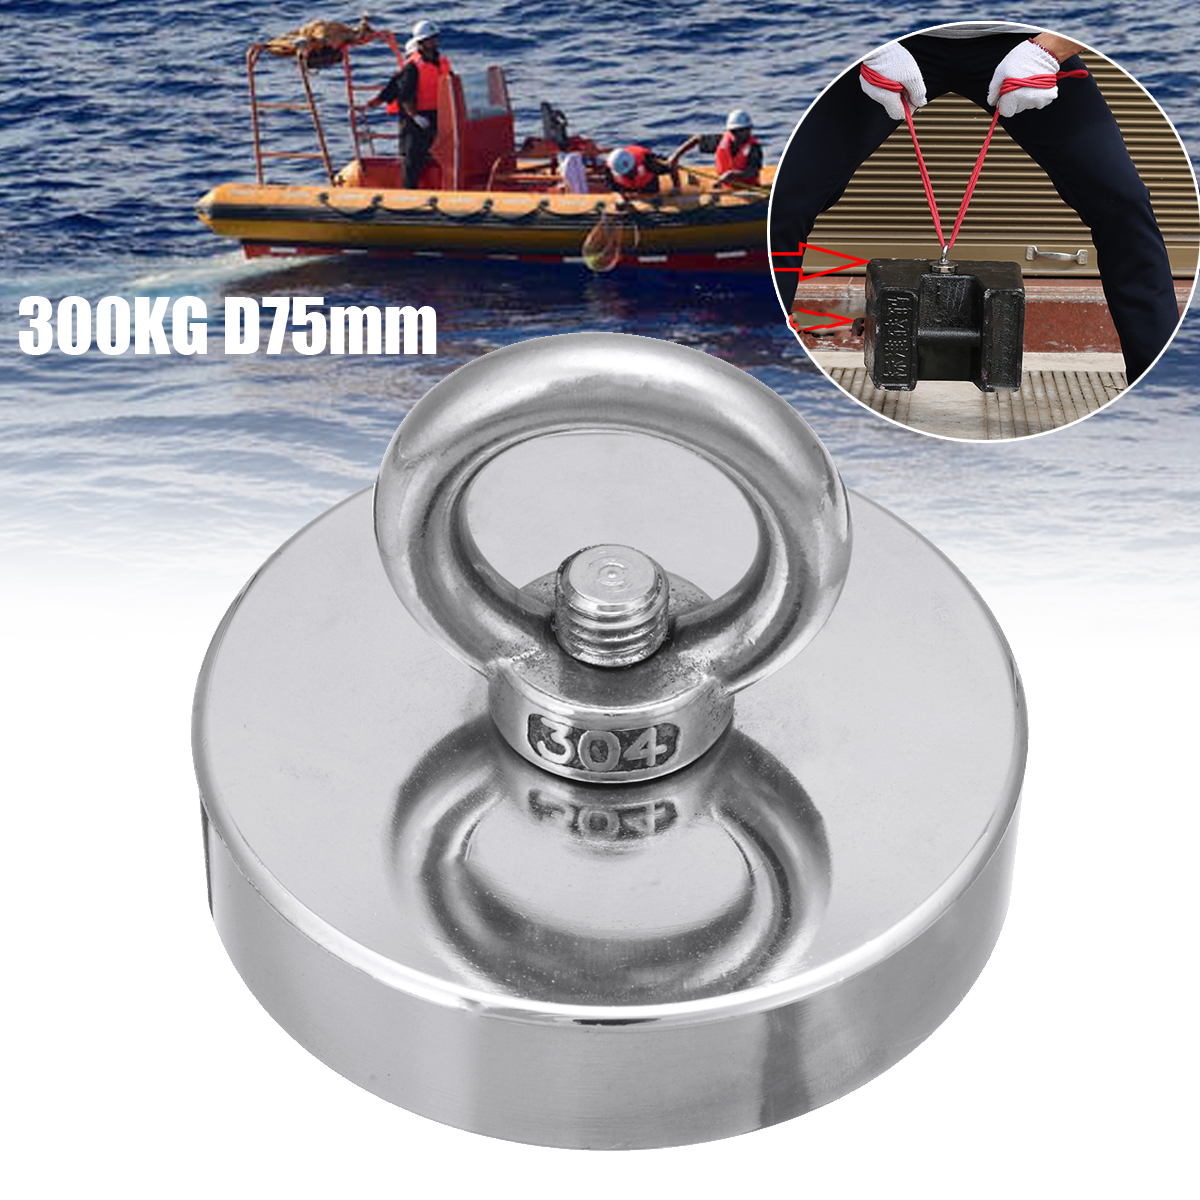 300 KG Ímã De Neodímio Salvamento Pesca Recuperação Salvamento D75mm Recuperar Ímã Poderoso Super Buraco Circular Anel Gancho